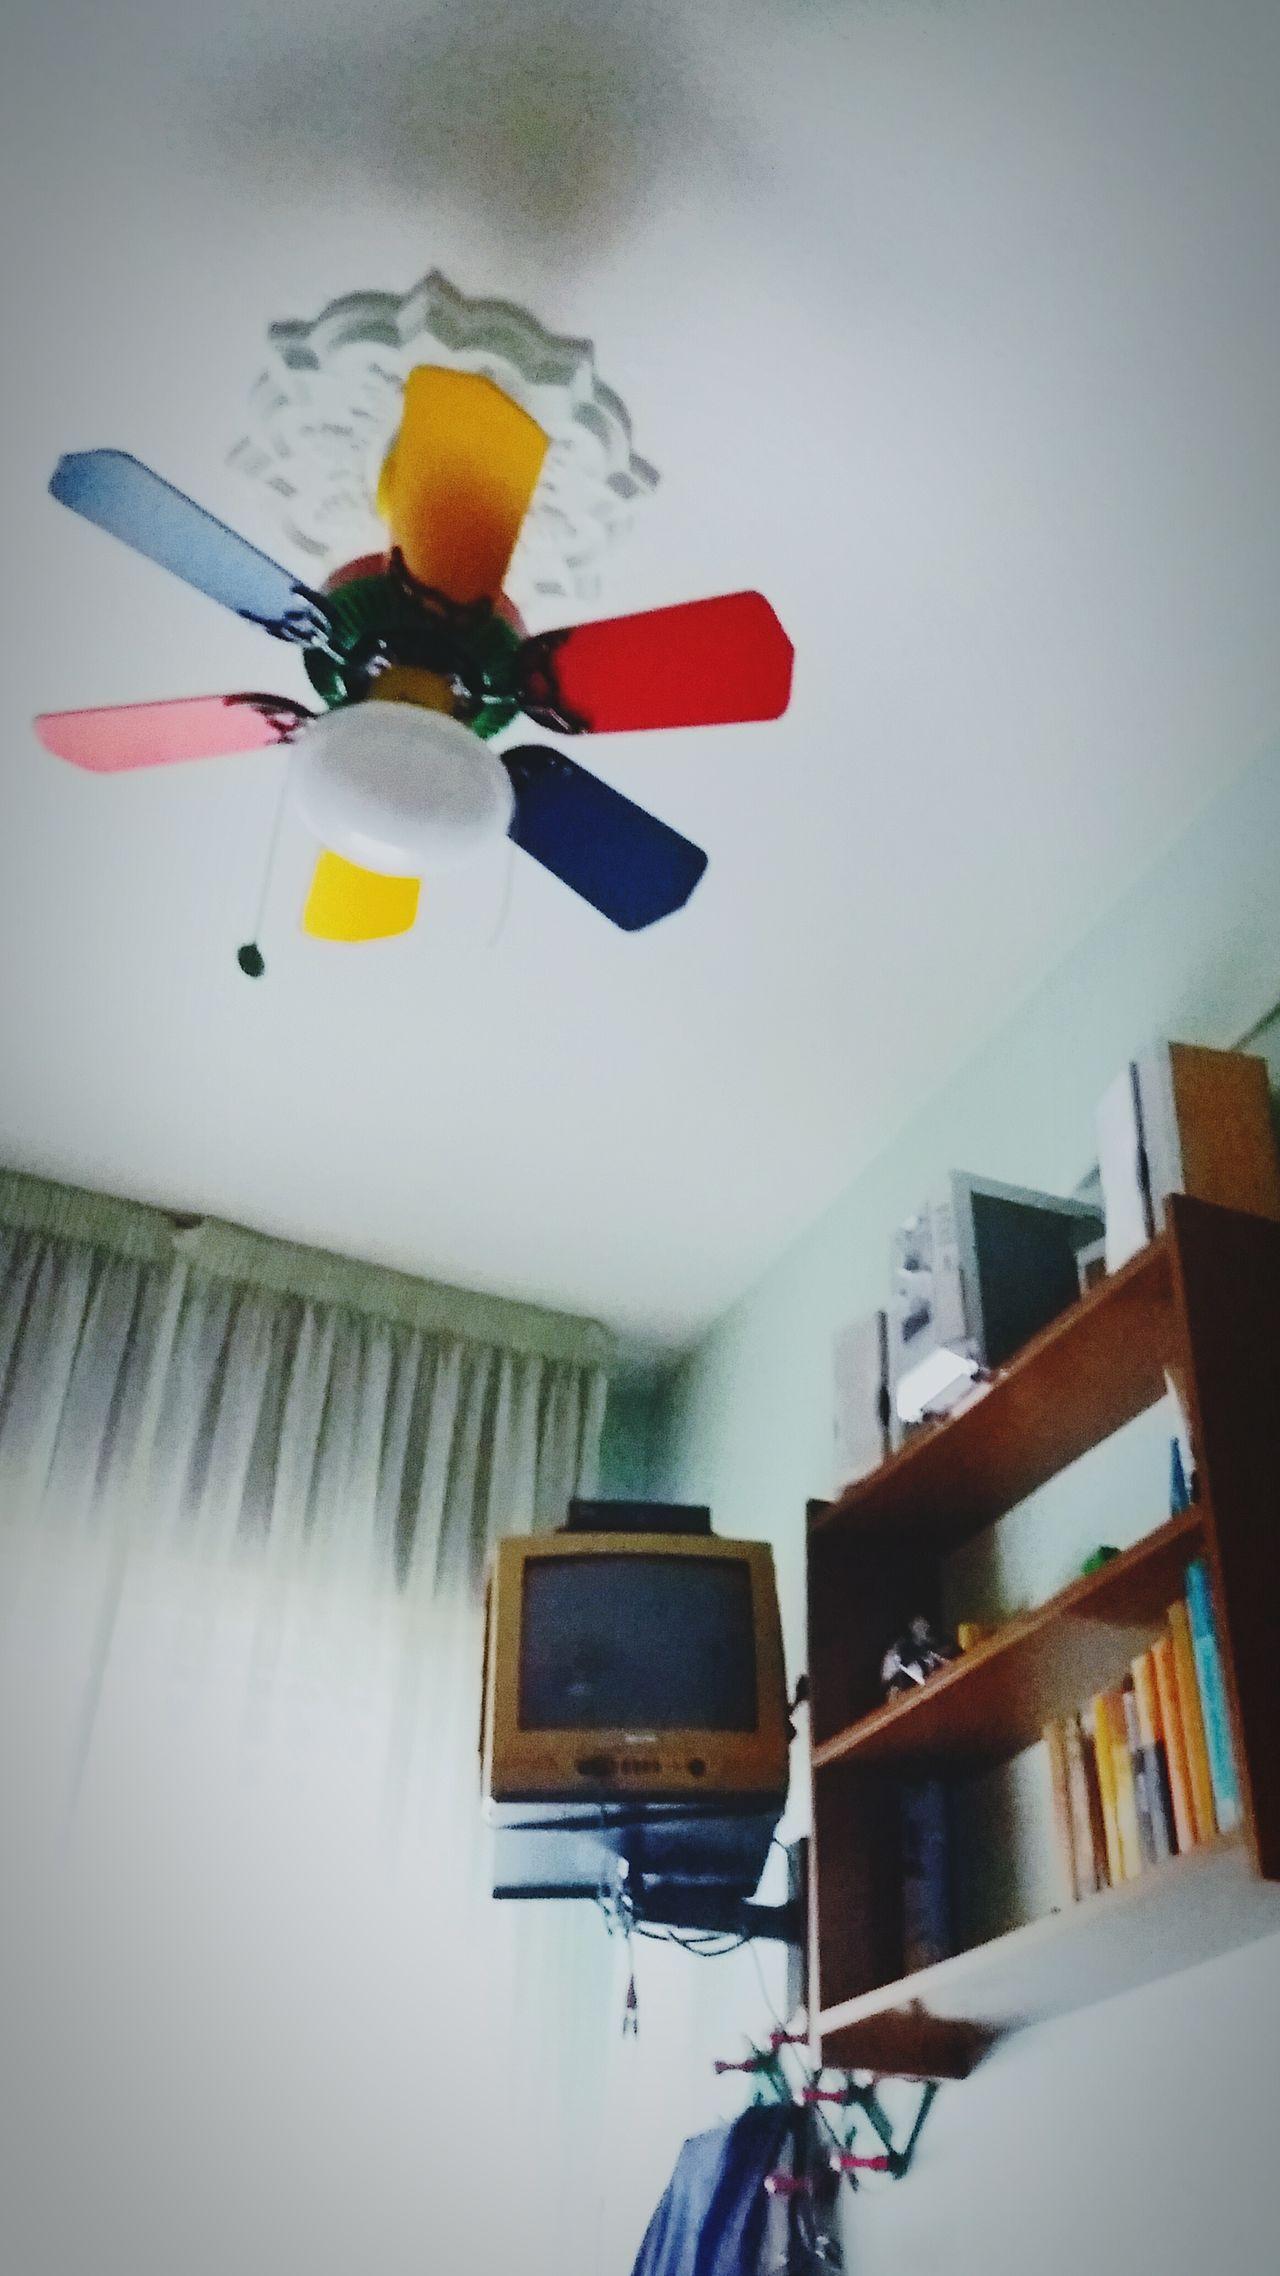 Hola y saludos a todos/as. Soy nuevo en esta plataforma móvil fotográfica y esta foto de mi habitación se encuentra editada por mí. Espero que las siguientes fotos que haga públicas sean bastante mejores. First Eyeem Photo